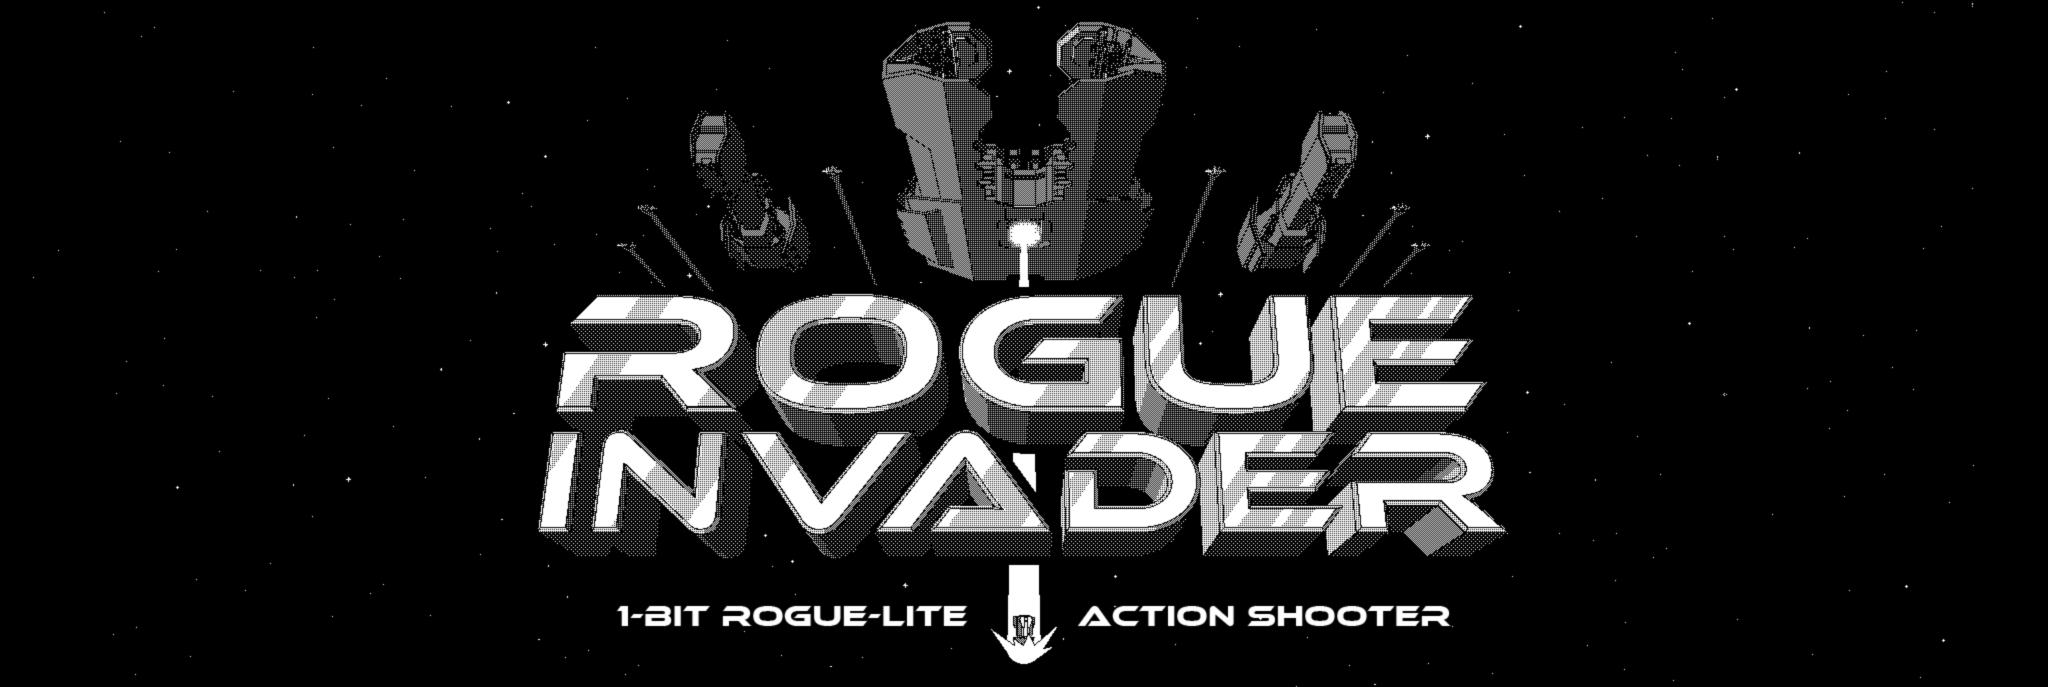 RogueInvader Webpage TITLE Cropp